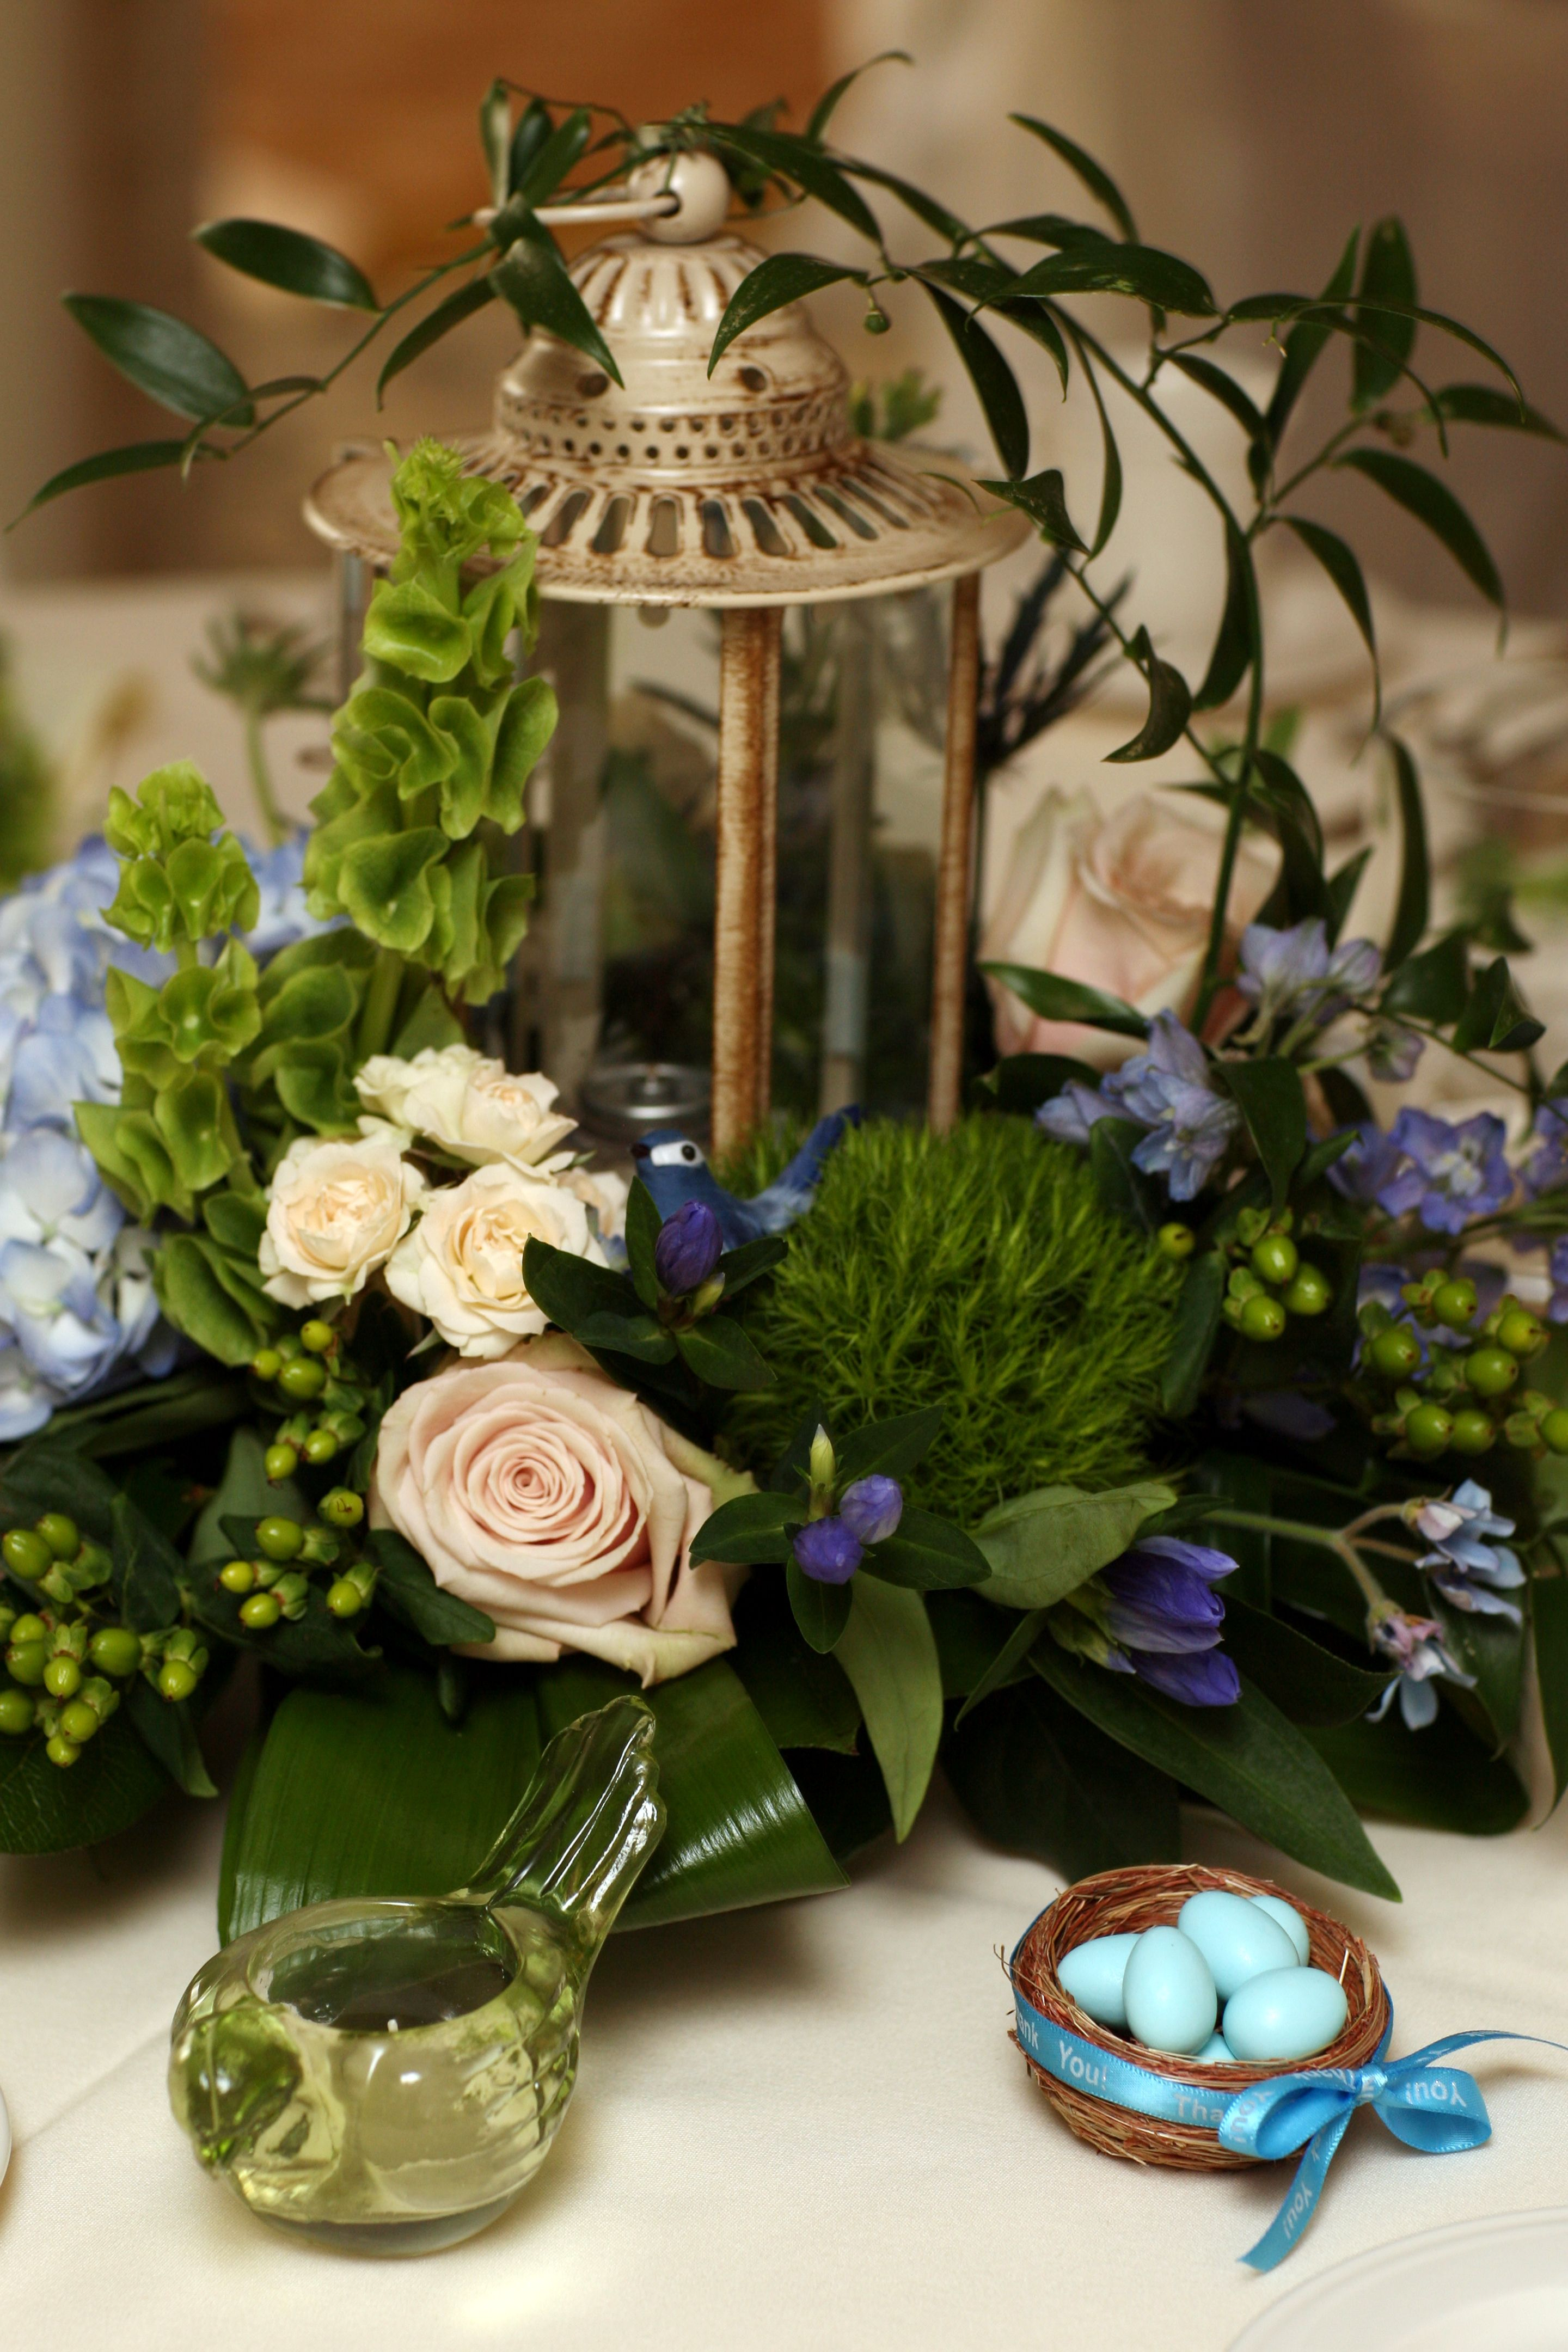 Wedding centerpiece with a garden theme lantern an